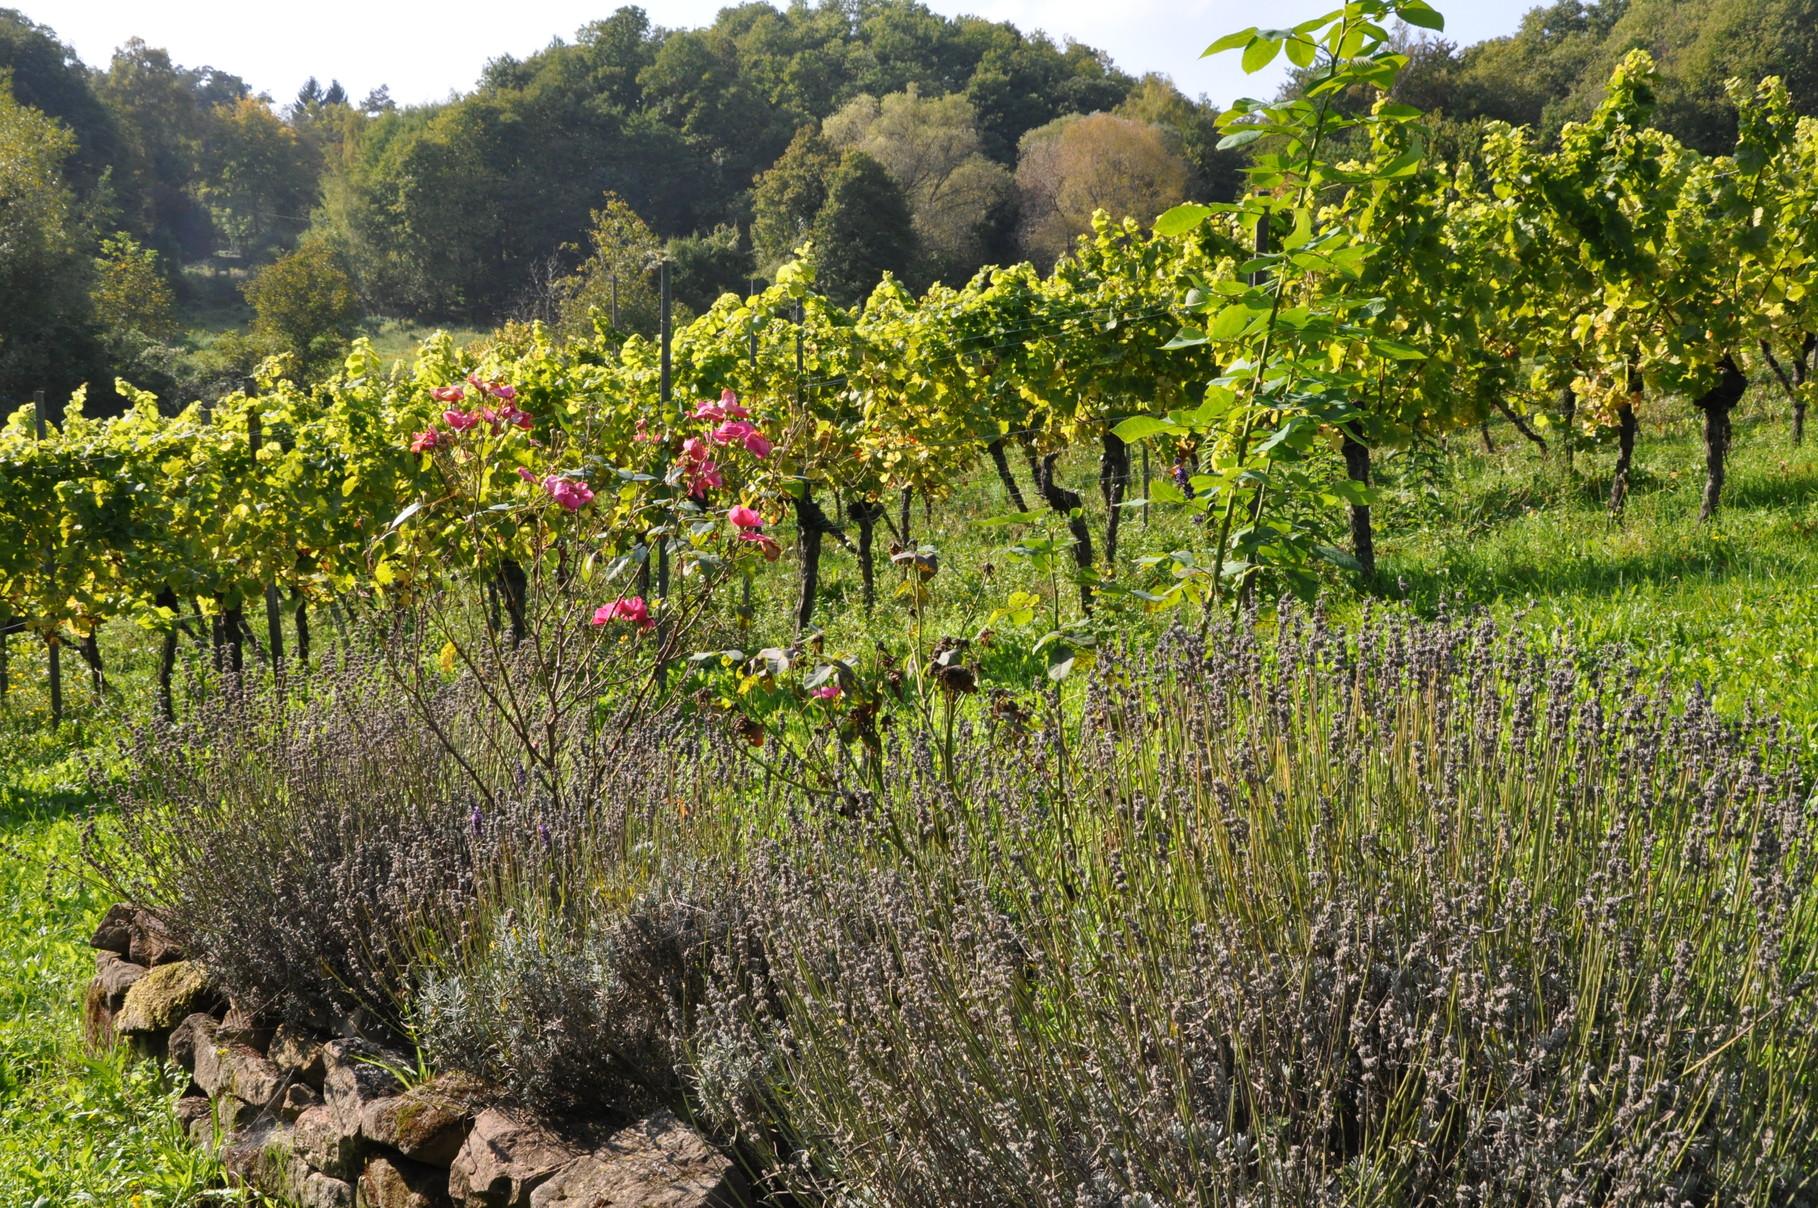 vorne die Weinberge - dahinter der Wald